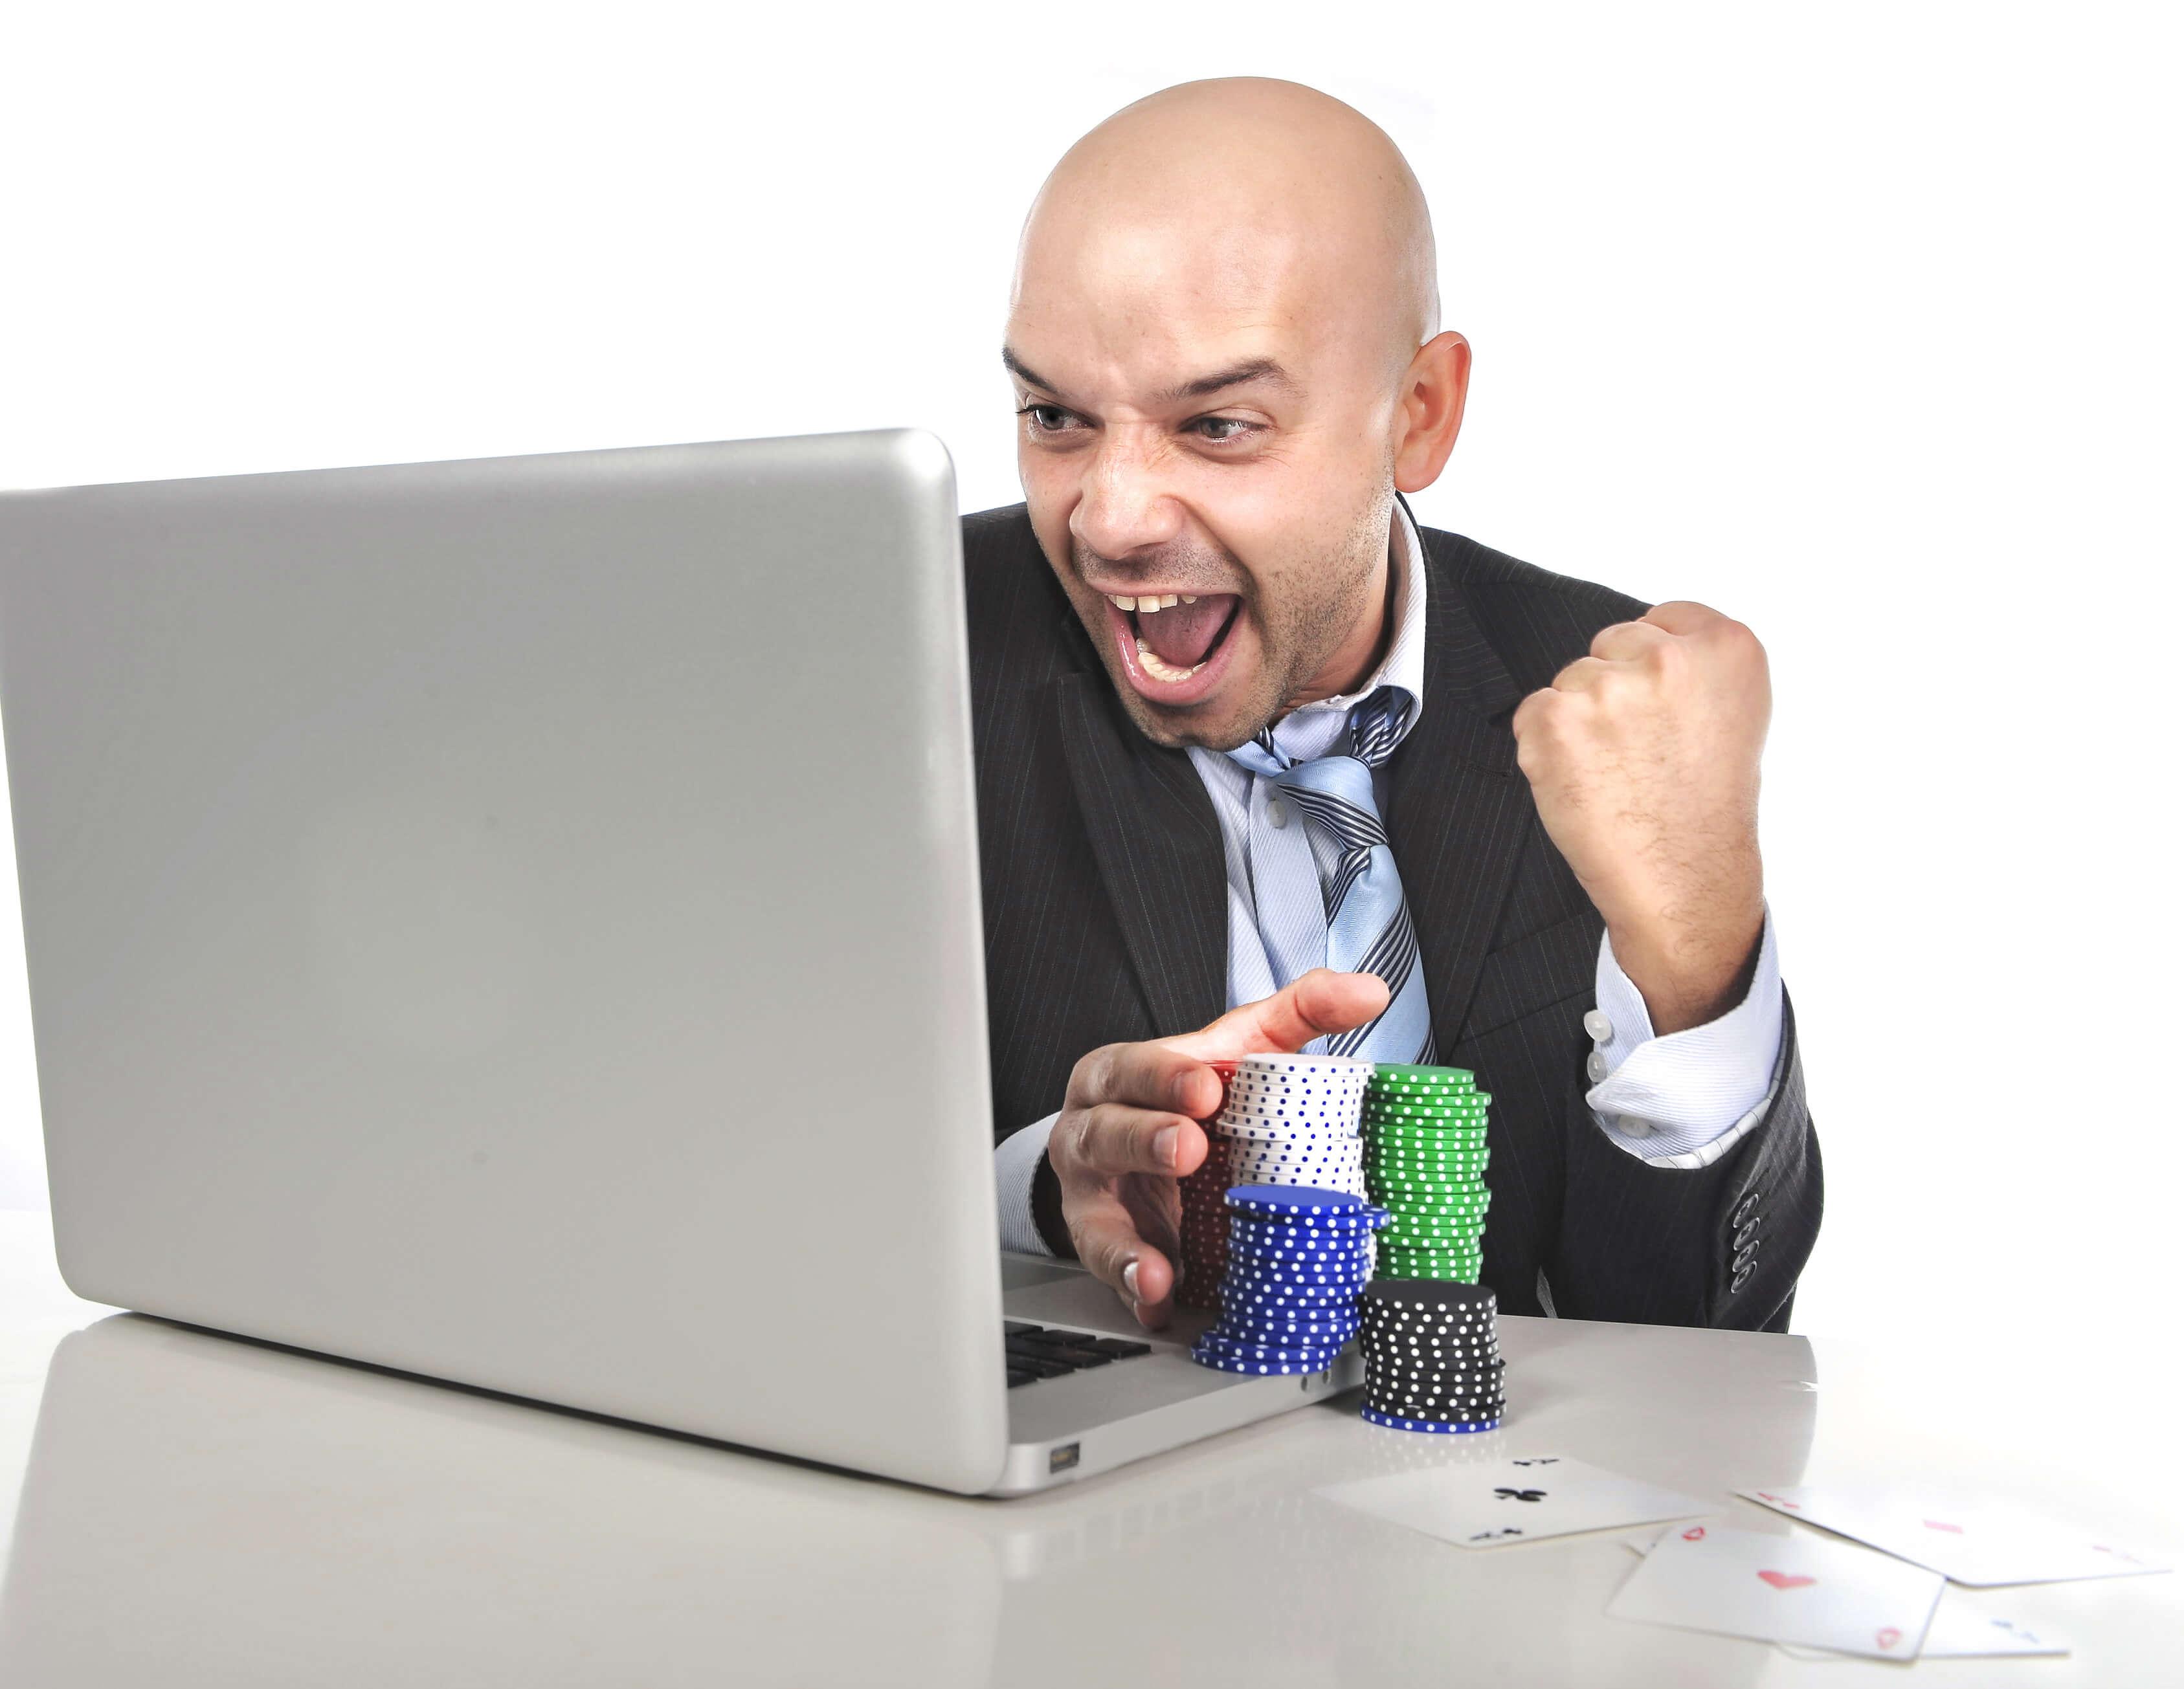 ganar jackpots en casinos en linea